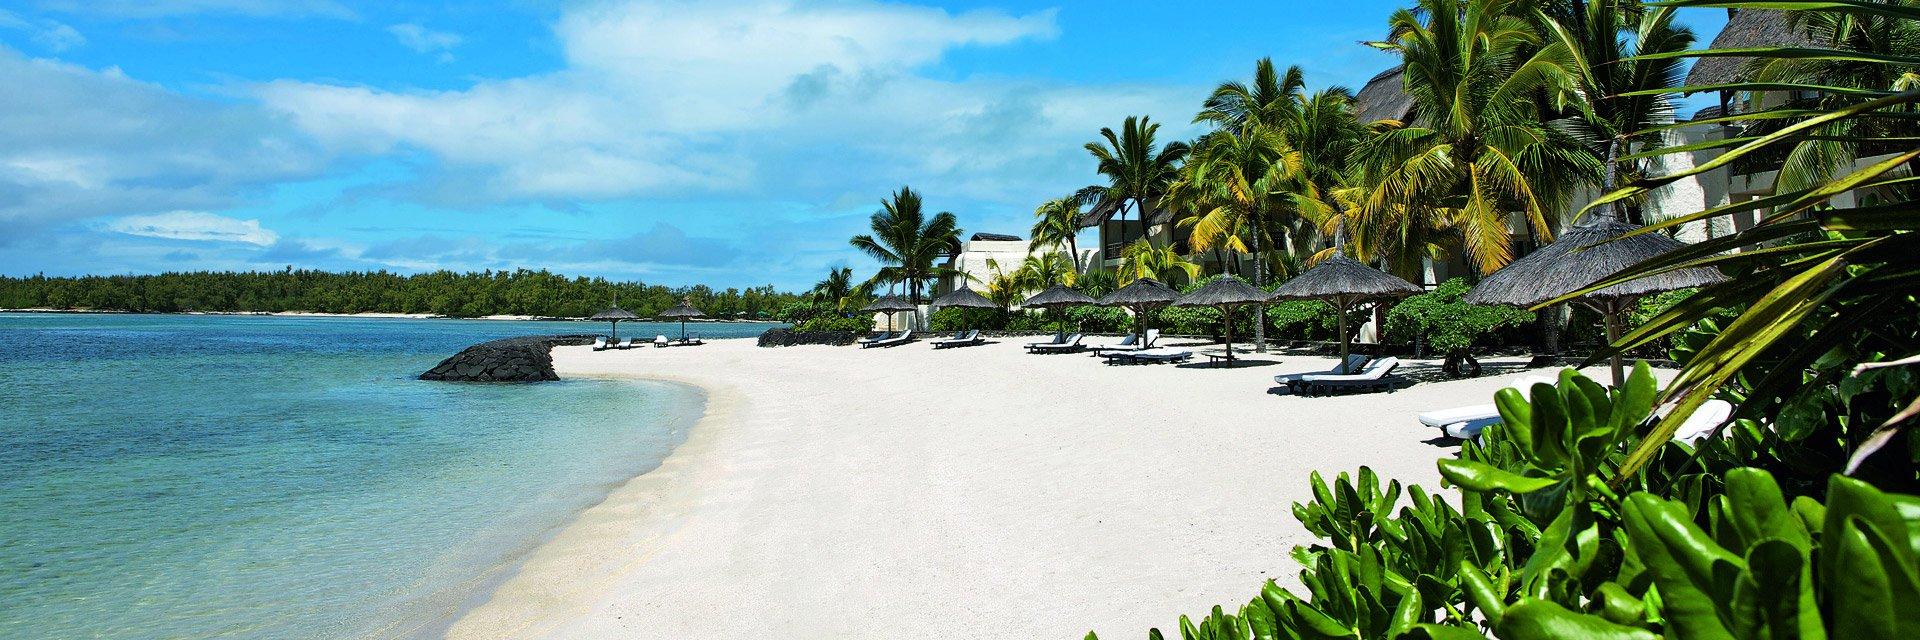 Туры на курорт Гран Гоб (Маврикий) в июне 2021 из Москвы - цены, путевки на отдых на курорте Гран Гоб в июне - ПАКС